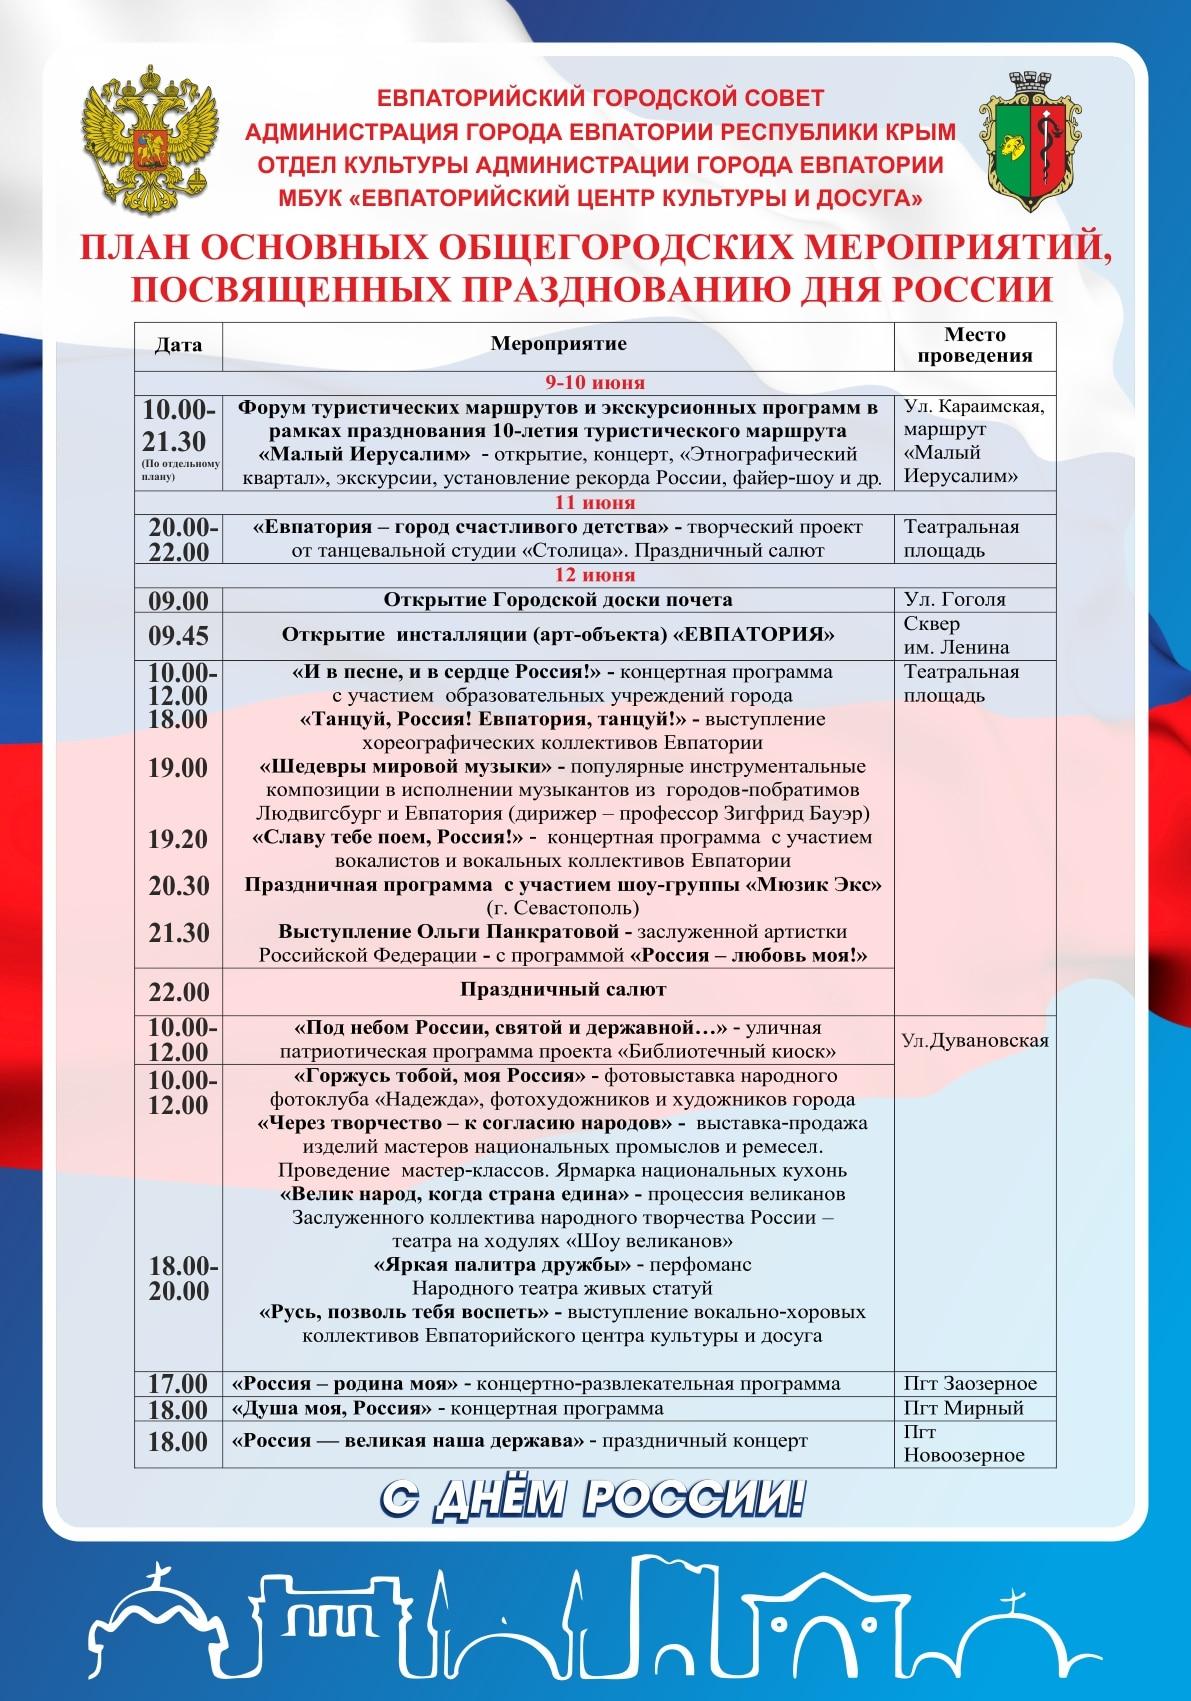 Евпатория 12 июня 2017 года День России - программа мероприятий, когда и где салют